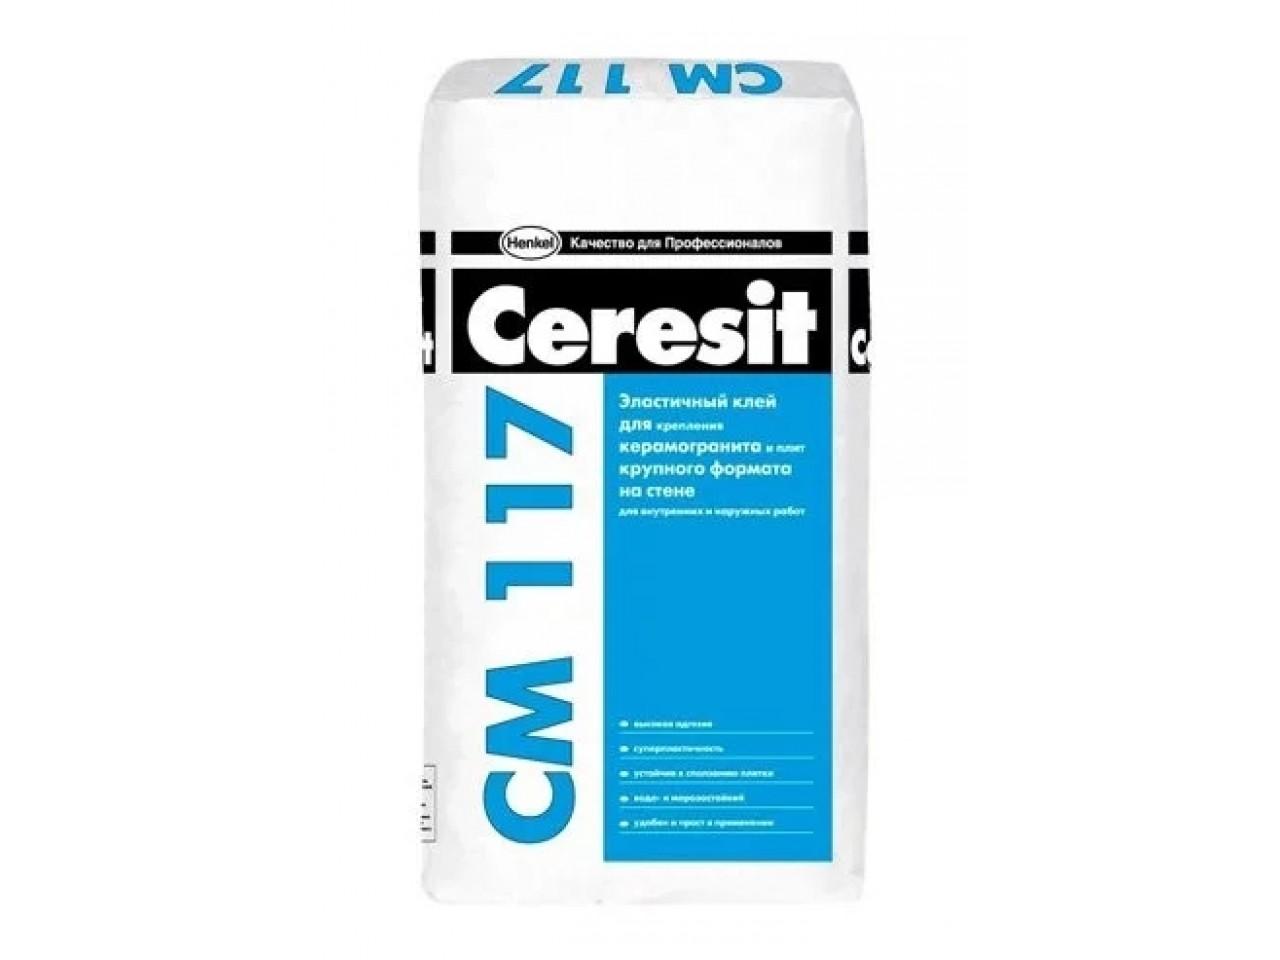 Клей для керамогранита и натурального камня Церезит СМ 117 (Ceresit CM 117) 25 кг